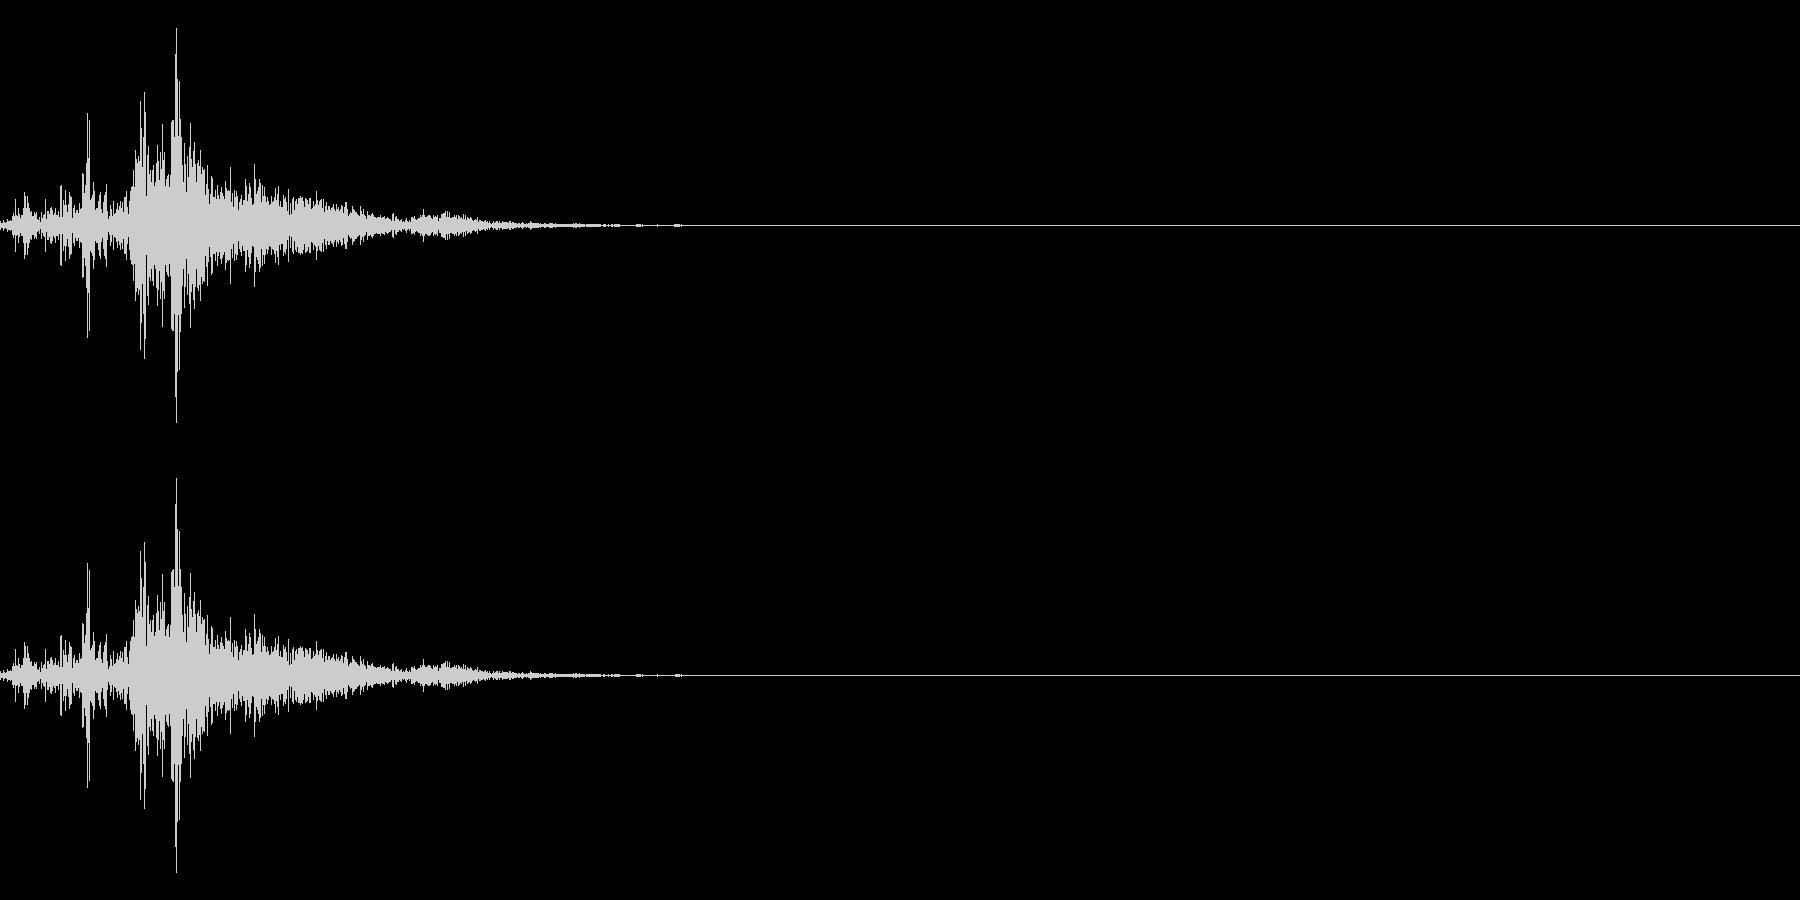 ドサッ(人が倒れる音)06の未再生の波形